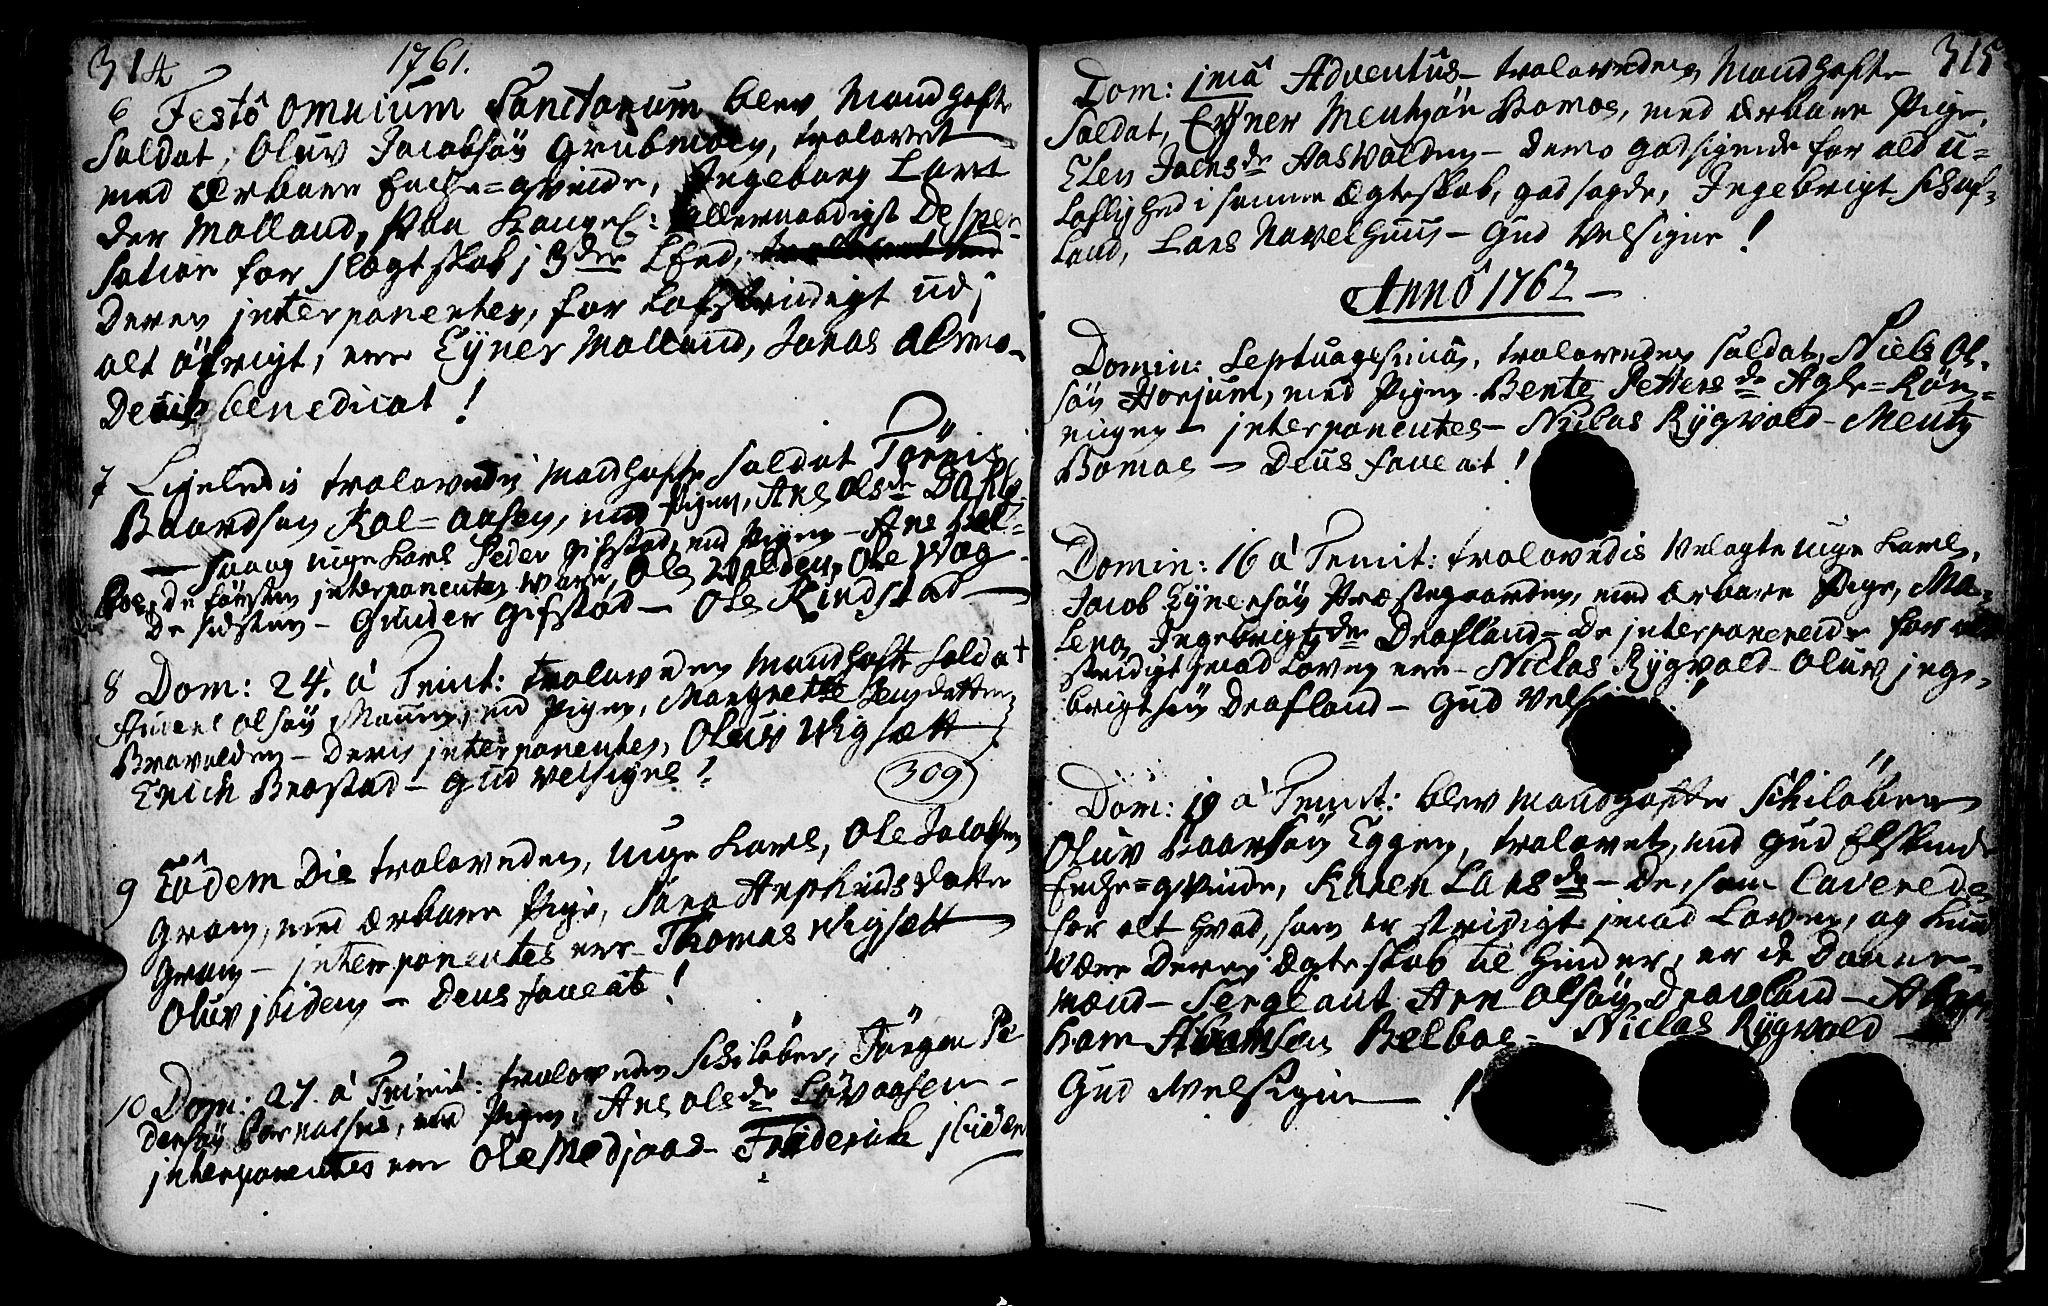 SAT, Ministerialprotokoller, klokkerbøker og fødselsregistre - Nord-Trøndelag, 749/L0467: Ministerialbok nr. 749A01, 1733-1787, s. 314-315